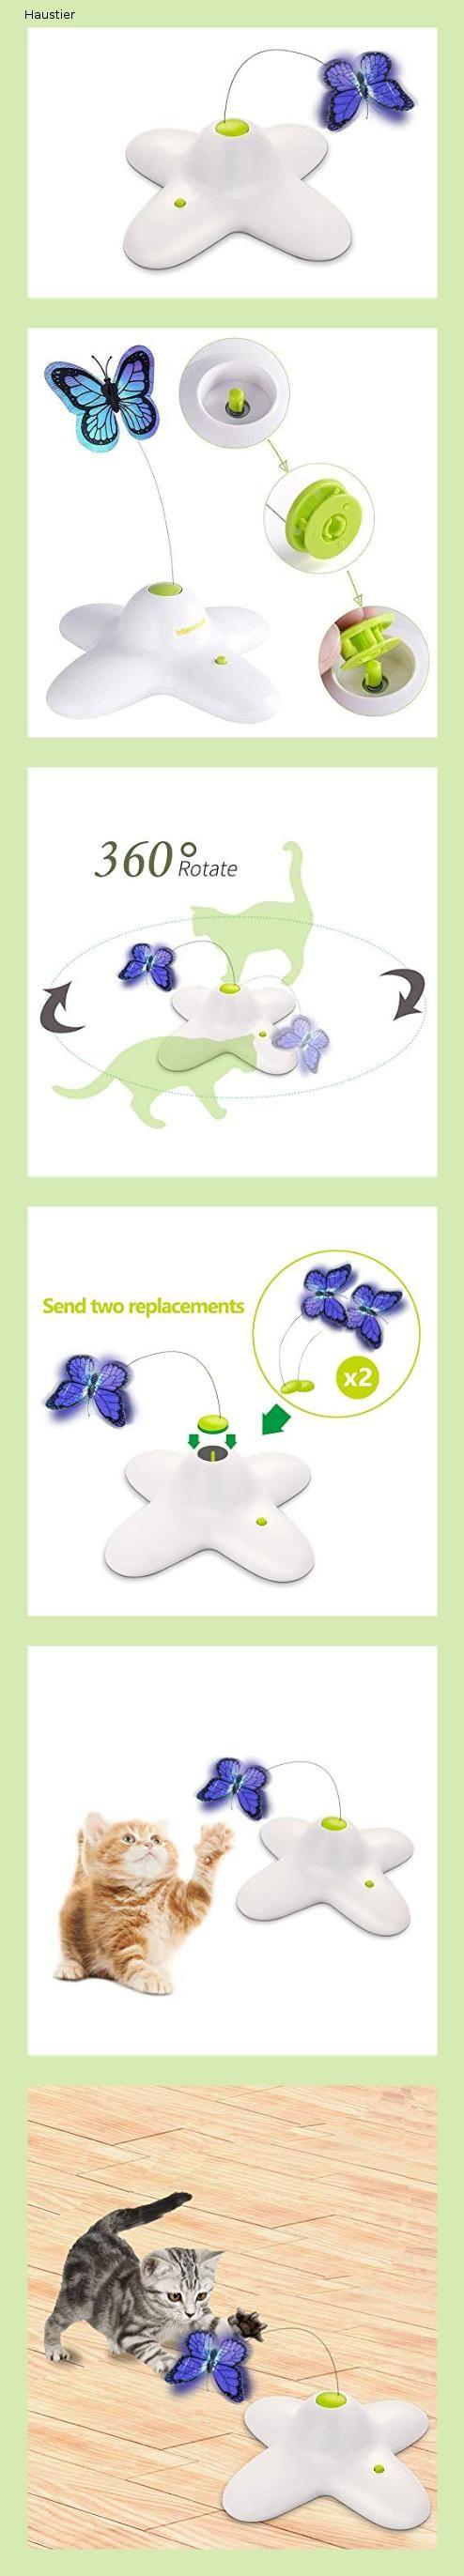 All For Paws Interaktives Katzenspielzeug Schmetterling Mit Zwei Ersatz Schmetterlingen Sich Dr In 2020 Interaktives Katzenspielzeug Katzen Spielzeug Katzenspielzeug